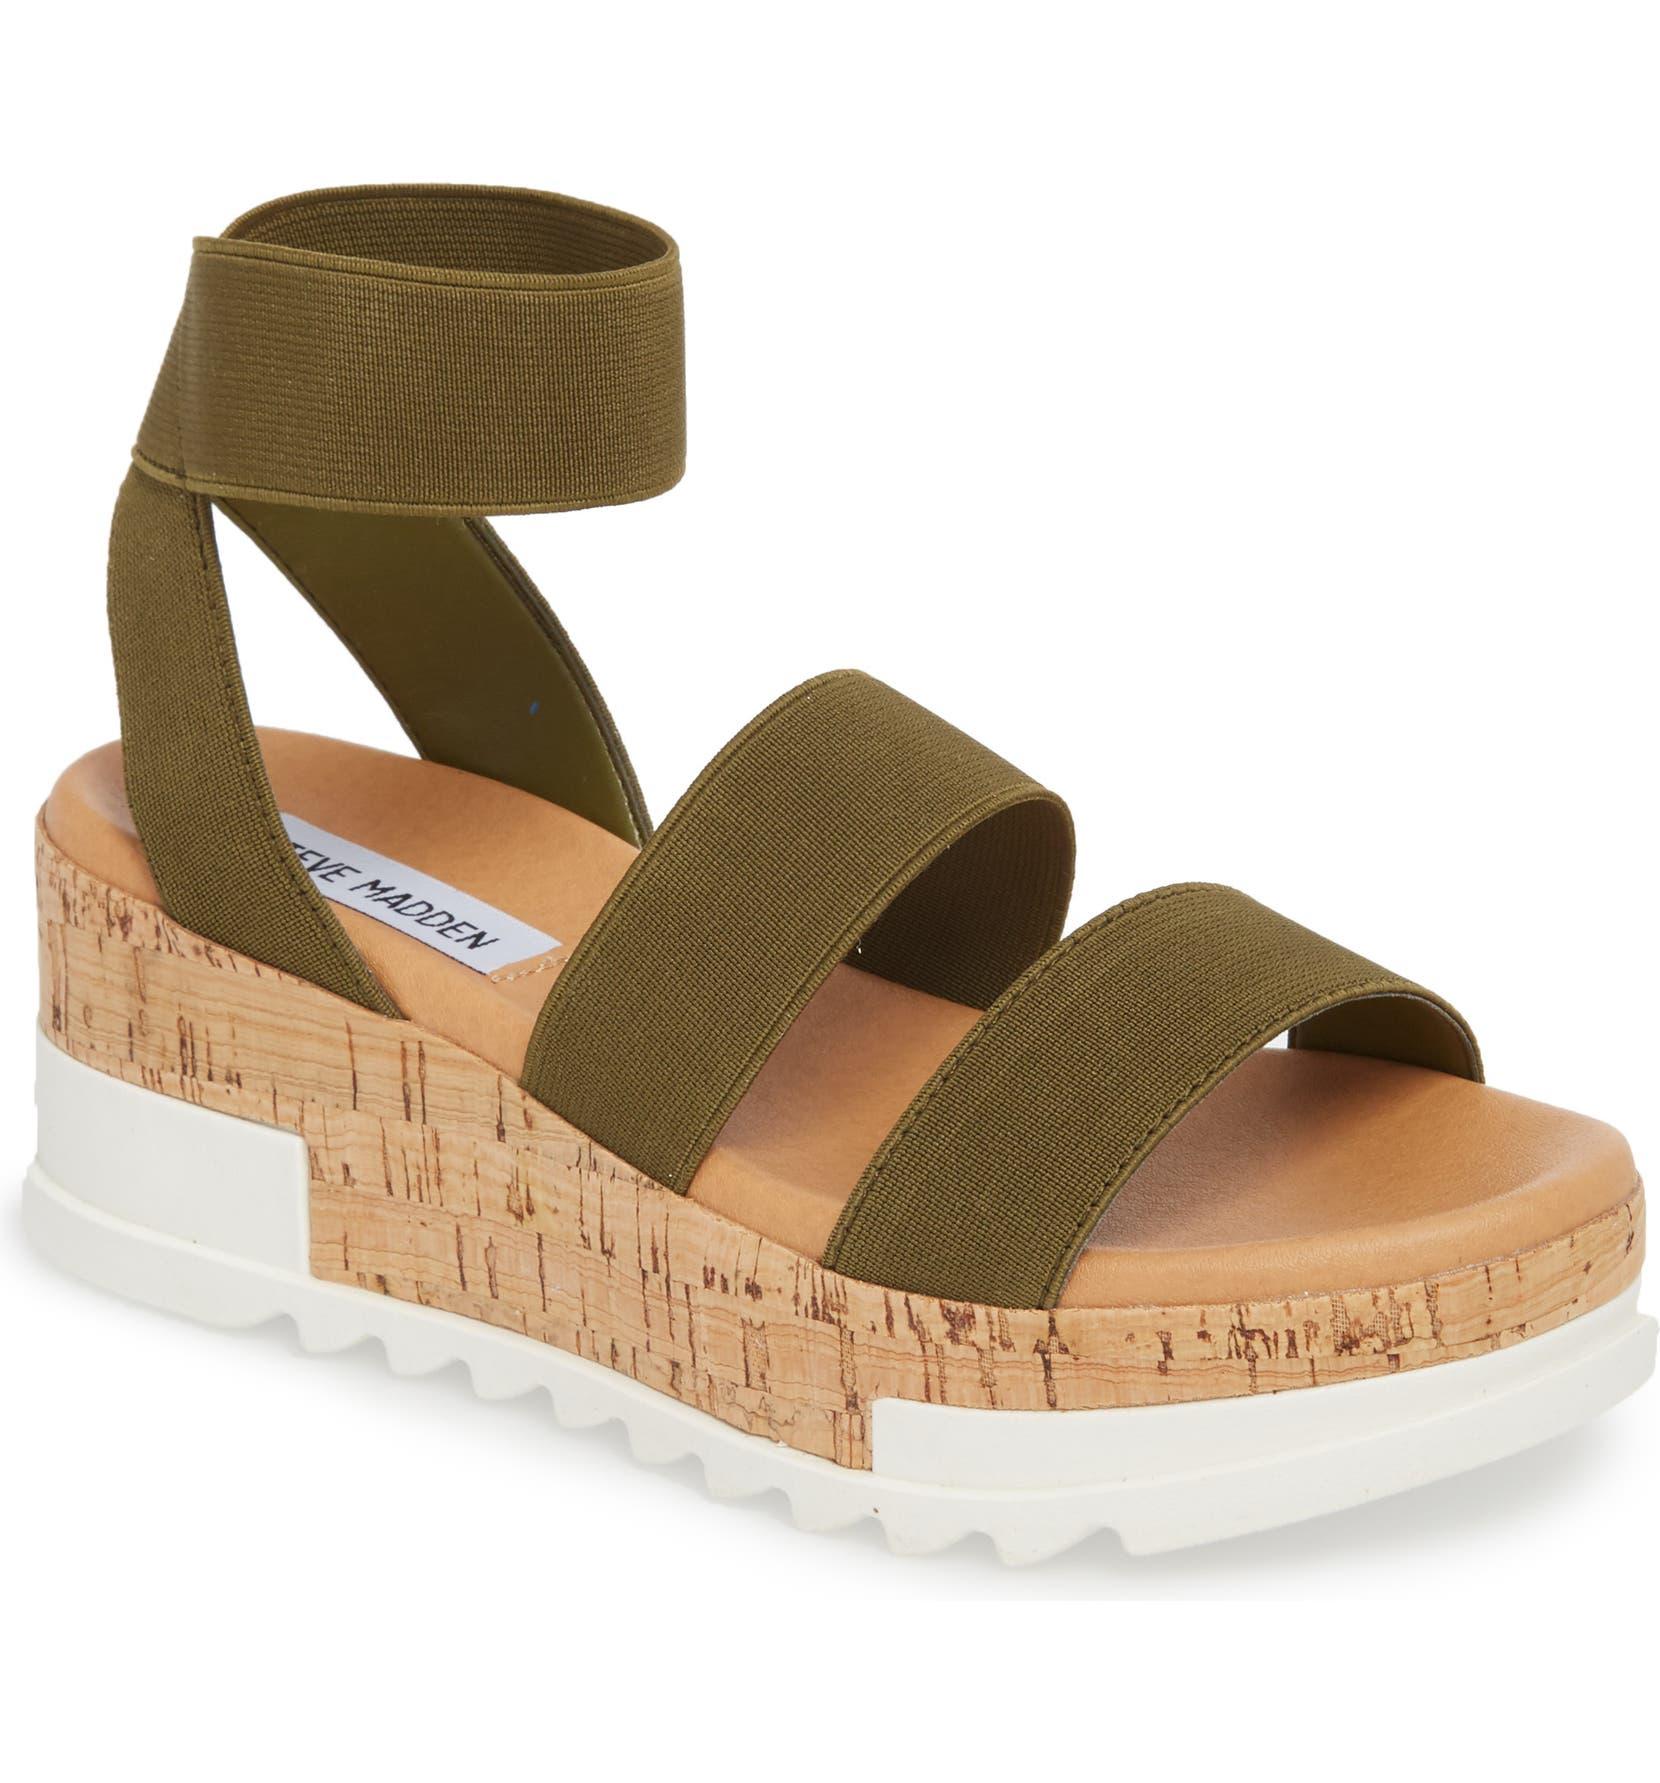 e4efdca2df0e Steve Madden Bandi Platform Wedge Sandal (Women)